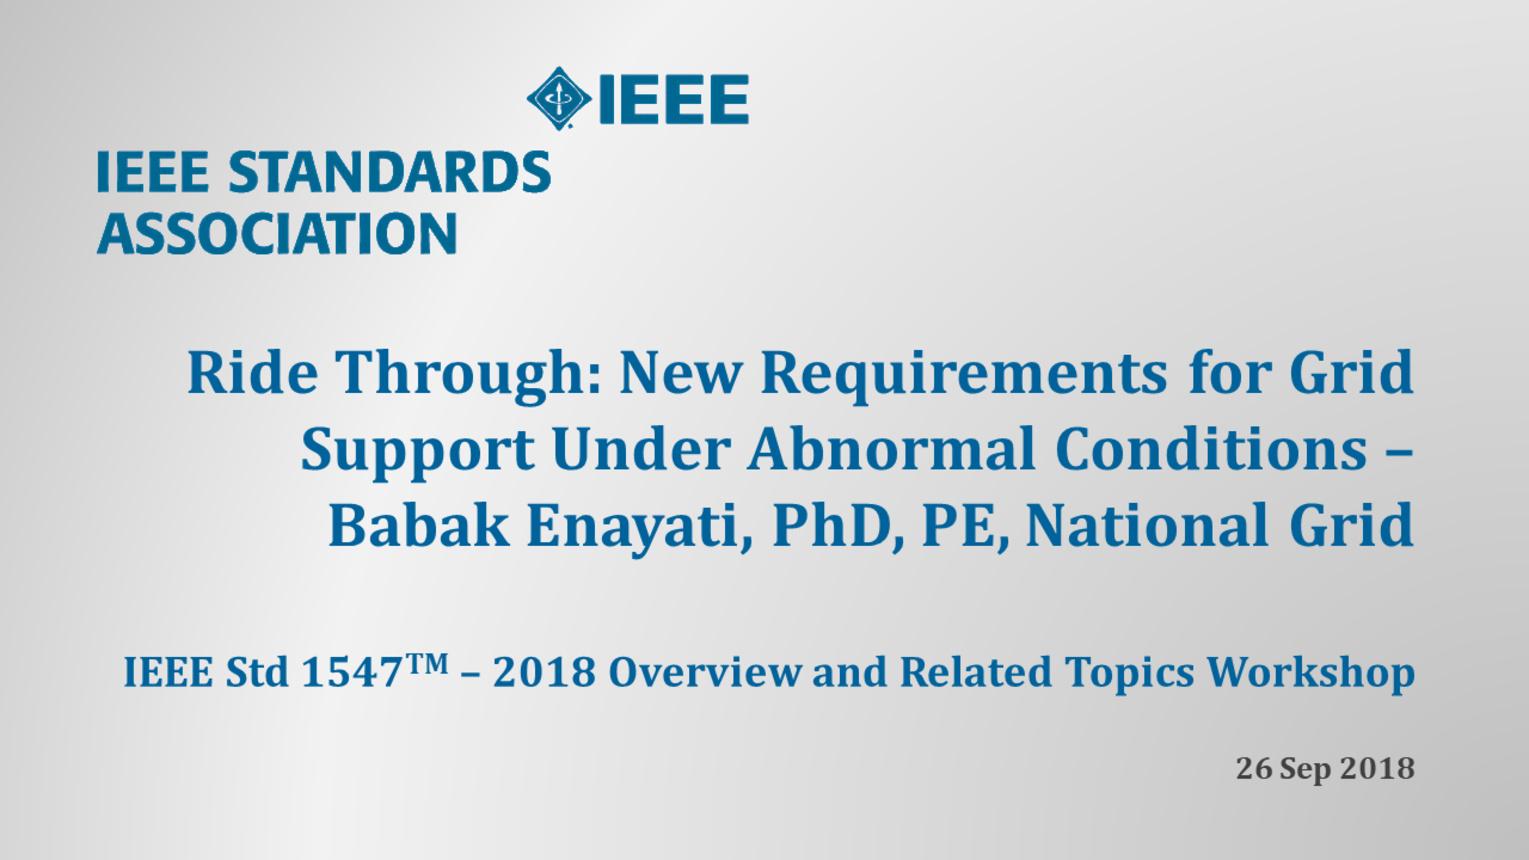 IEEE Std 1547 Workshop - NERC - Atlanta, GA - Sept. 2018: Ride-Through Requirements - Babak Enayati